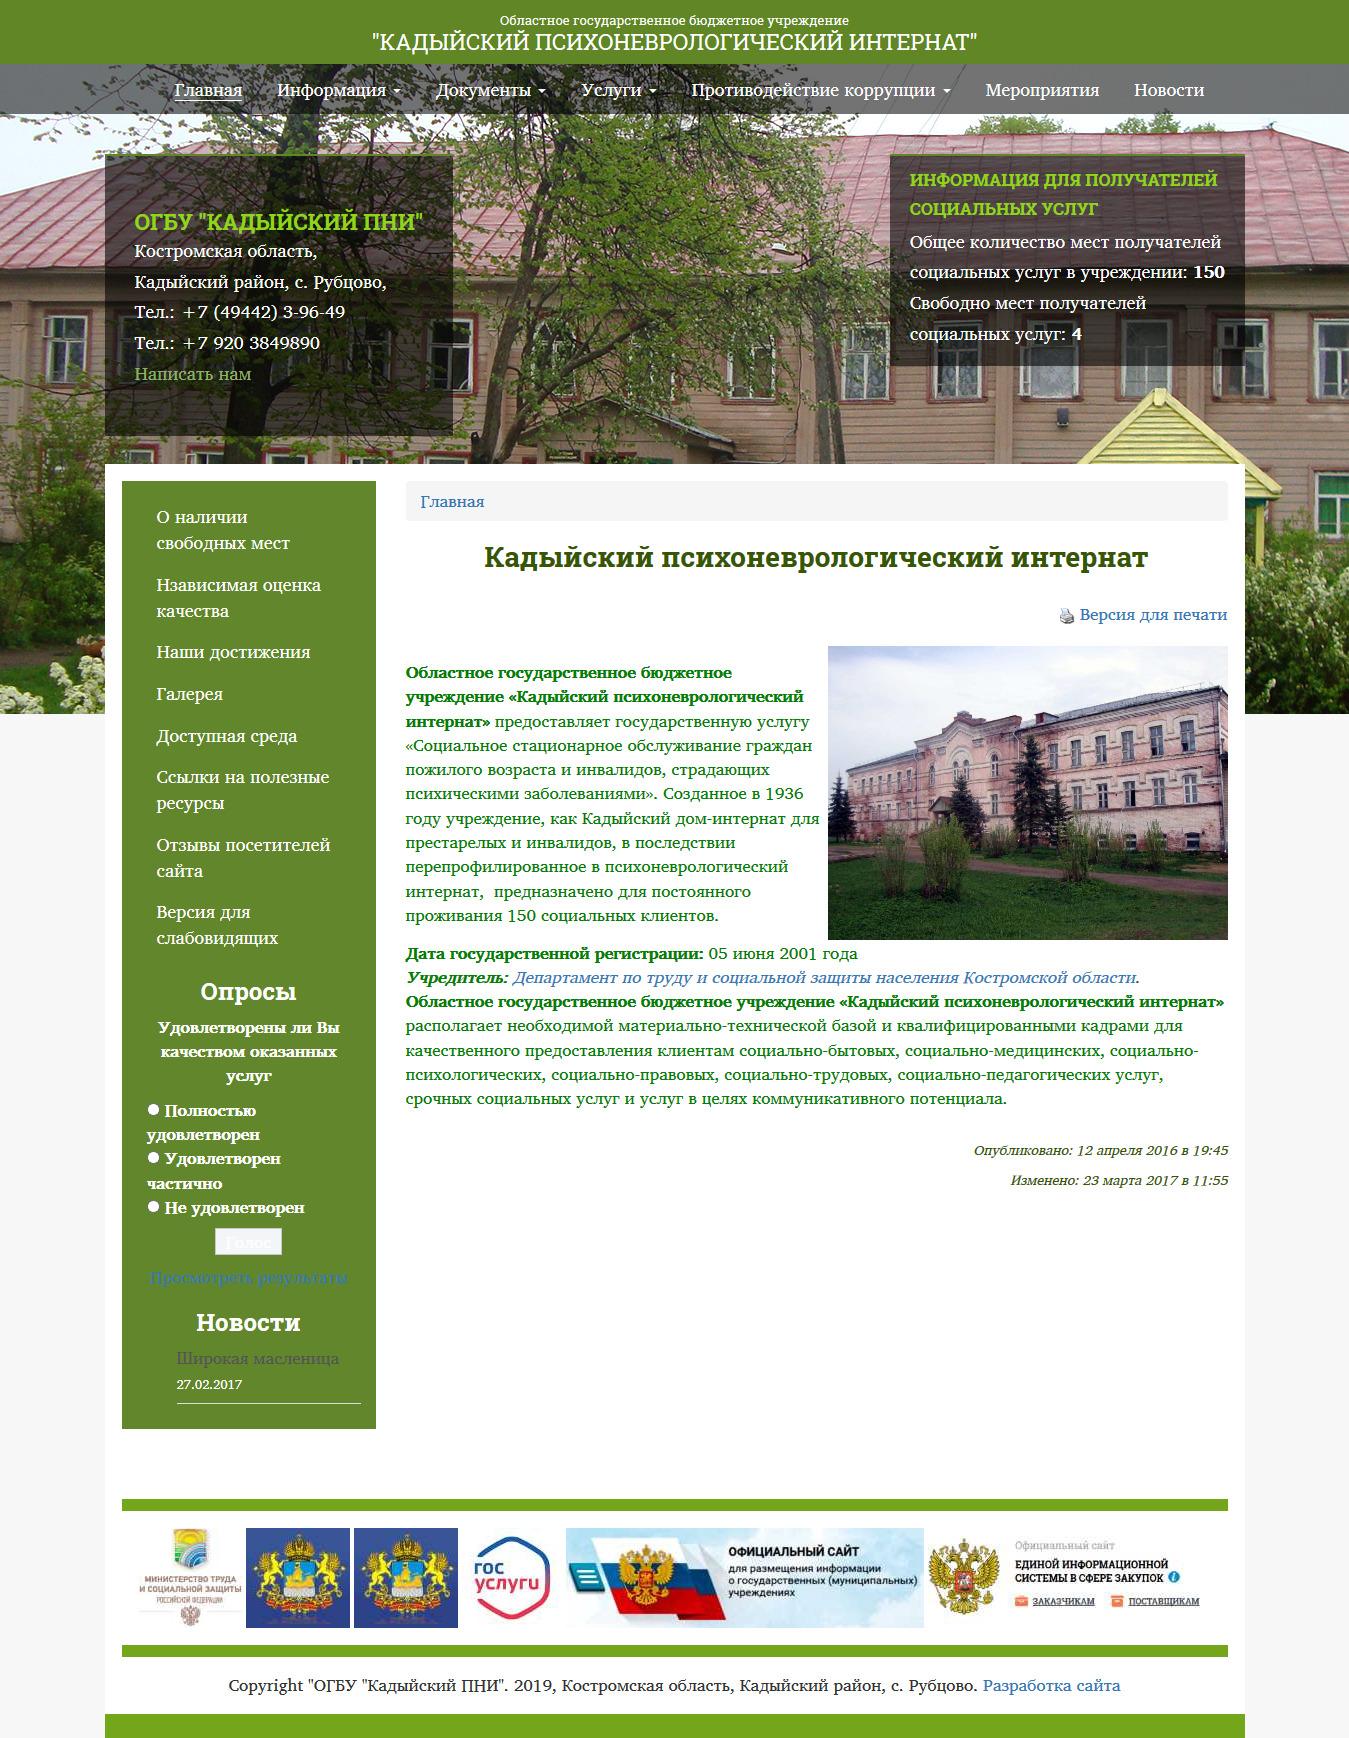 Сайт Кадыйского психоневрологического интерната. Создание сайтов в Костроме